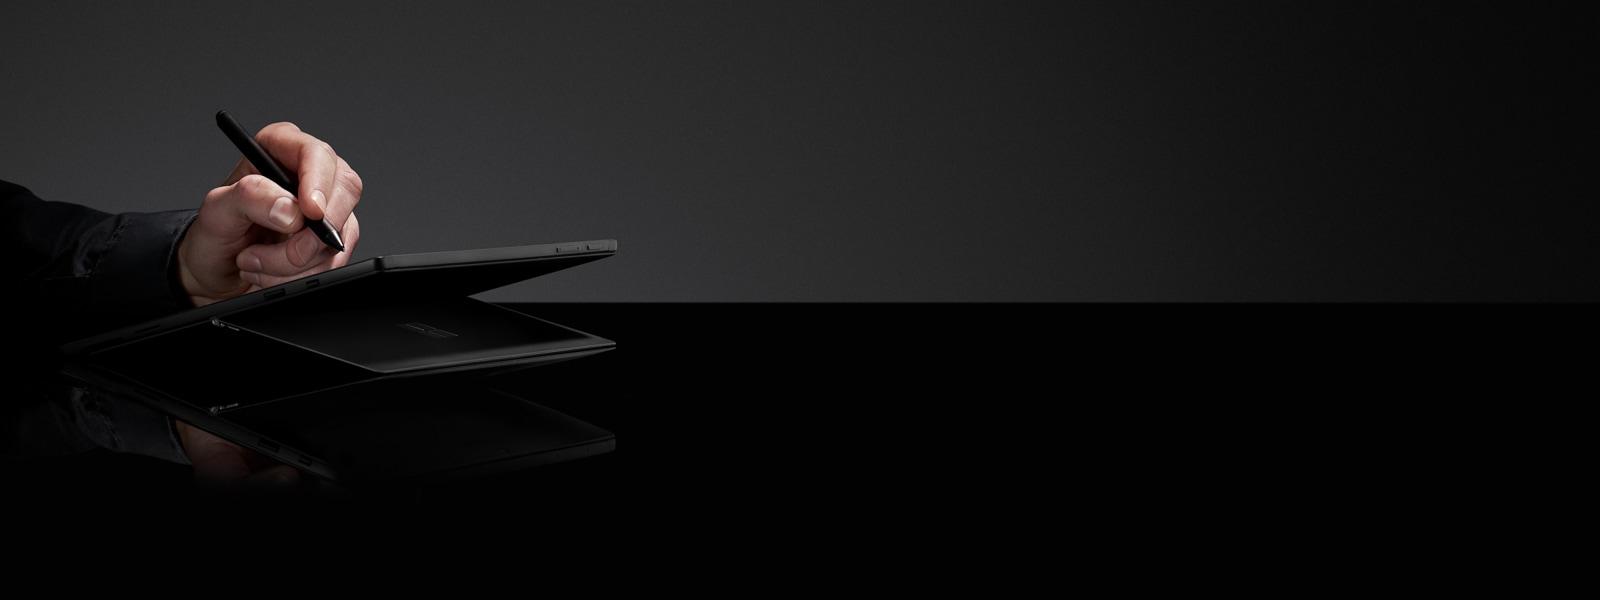 Une personne qui utilise le stylet Surface sur la Surface Pro6 noire sur fond noir